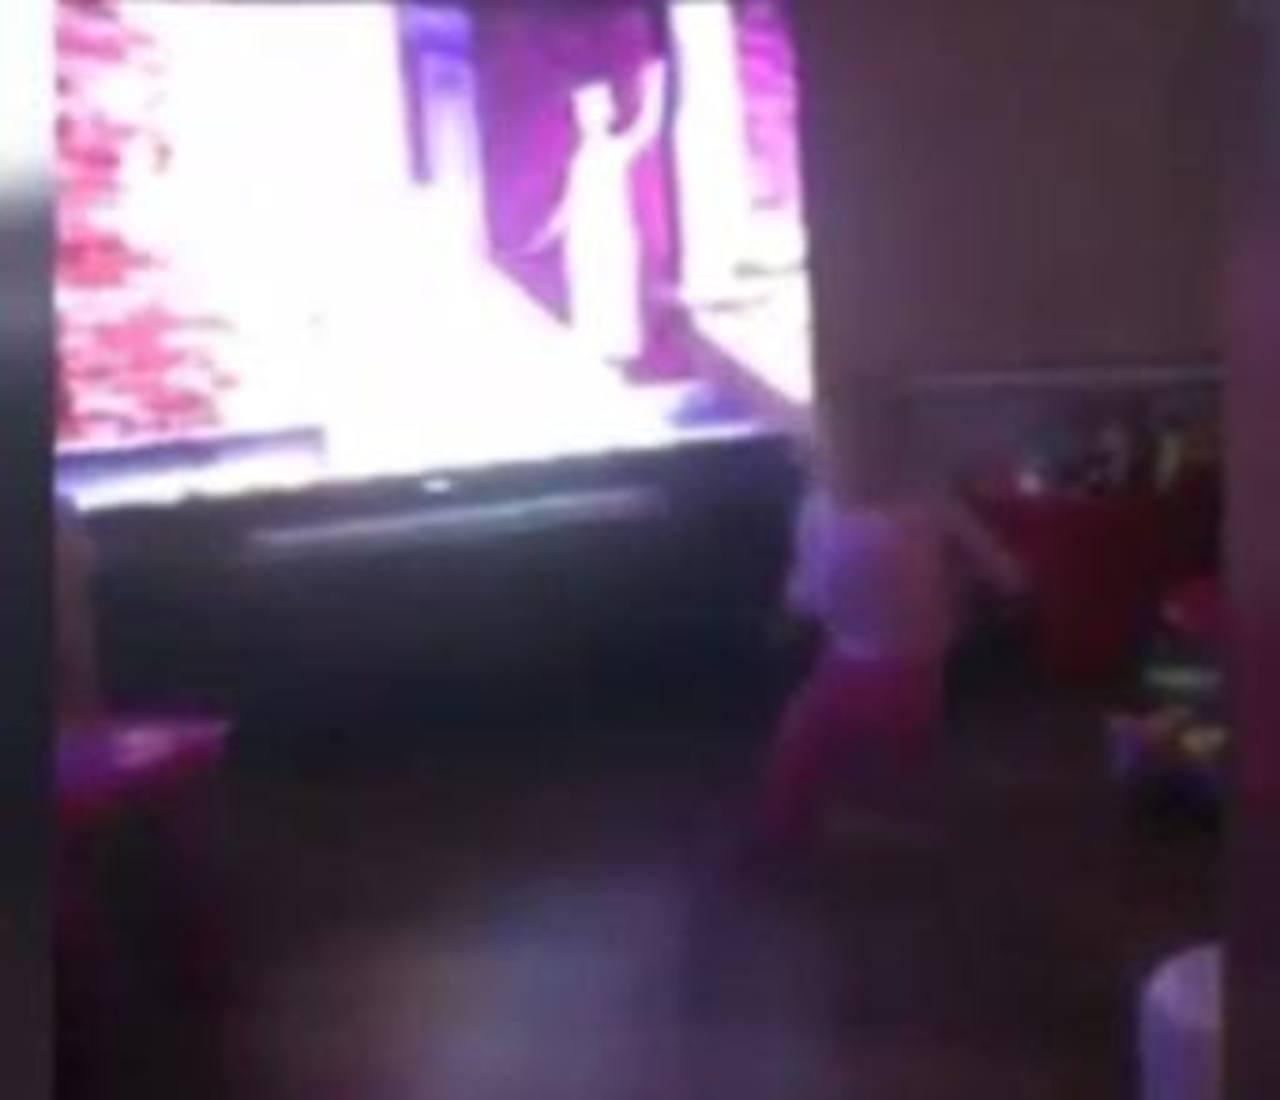 VIDEO: Fuerza inexplicable arroja a una bebé al suelo